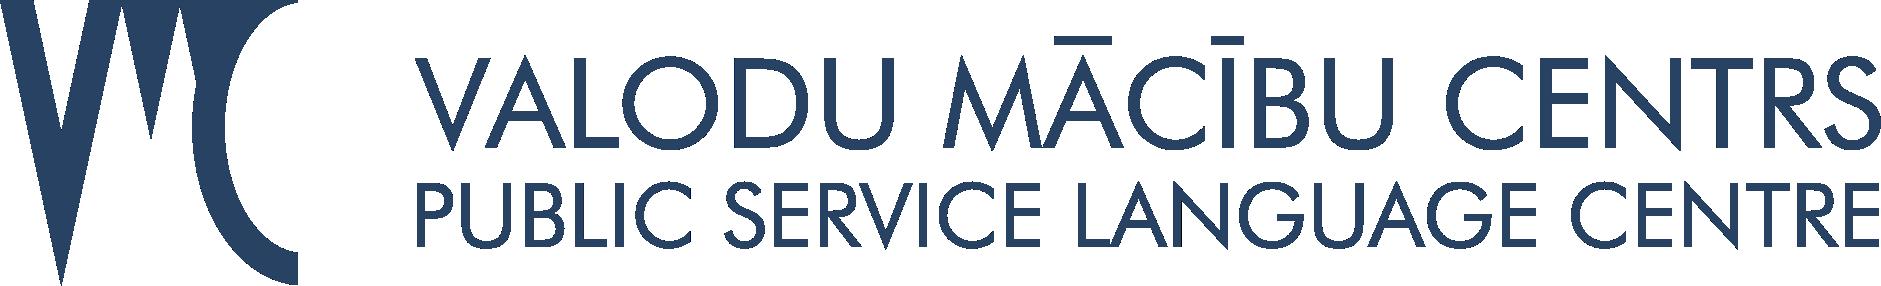 logo_VMC_1